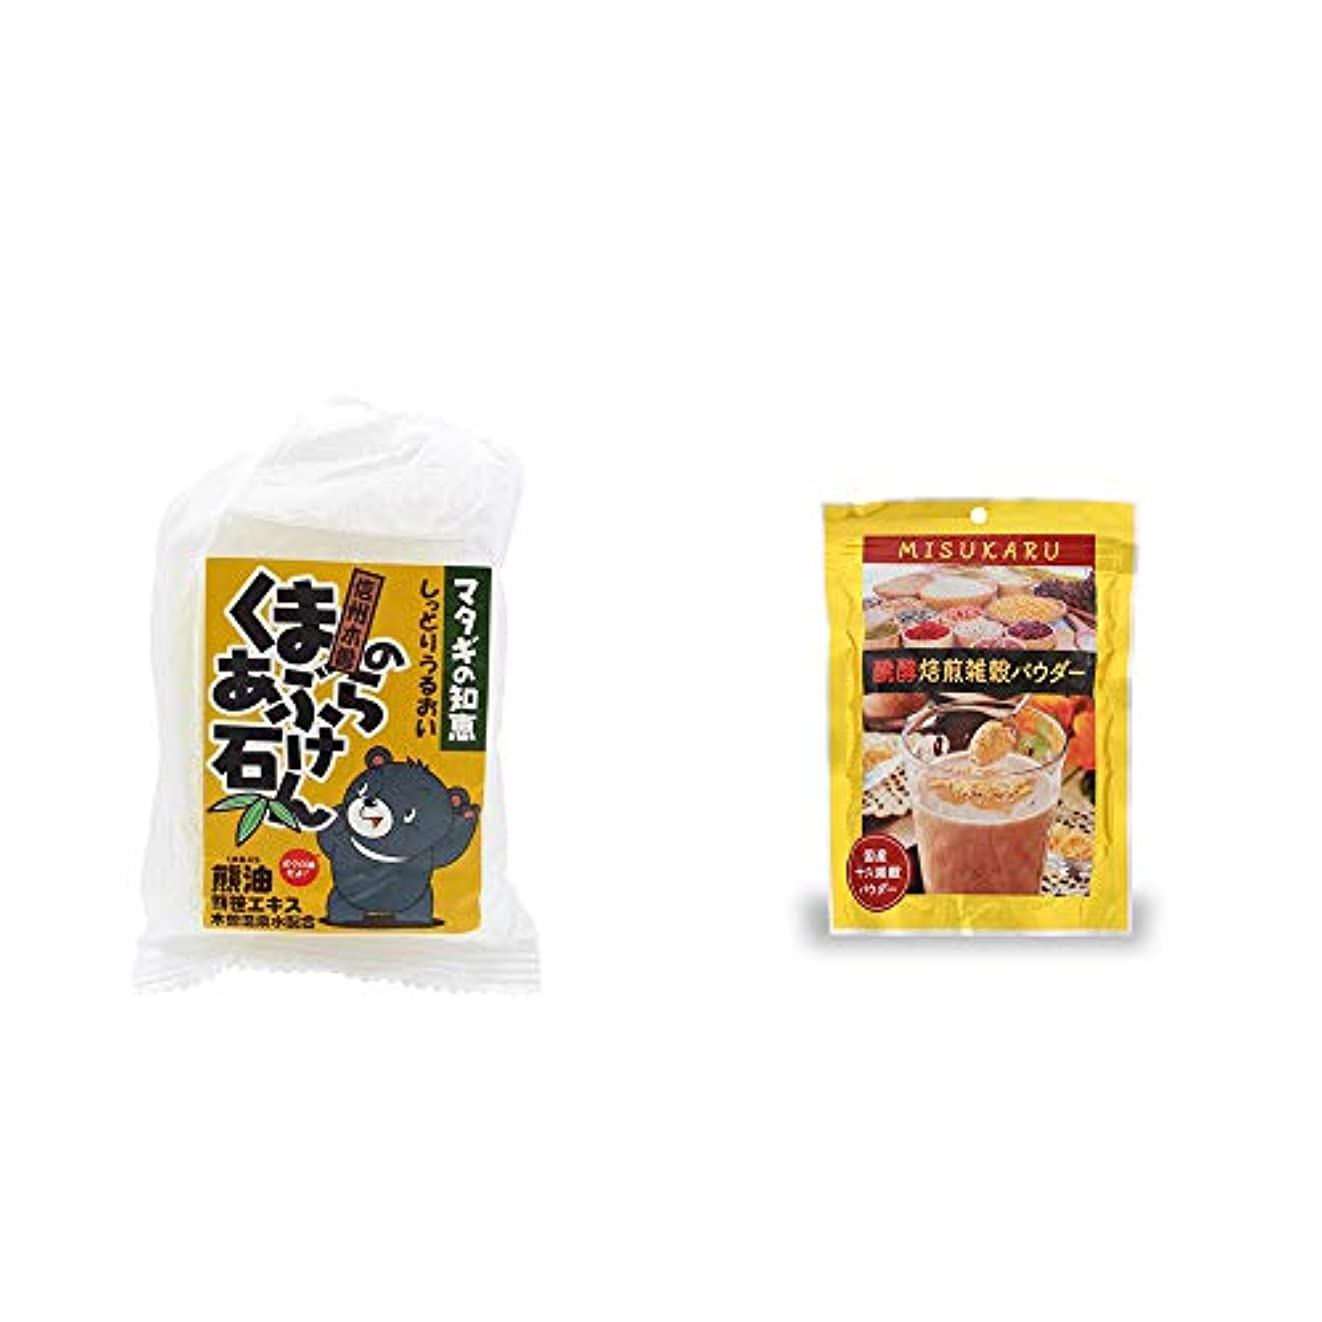 [2点セット] 信州木曽 くまのあぶら石けん(80g)?醗酵焙煎雑穀パウダー MISUKARU(ミスカル)(200g)